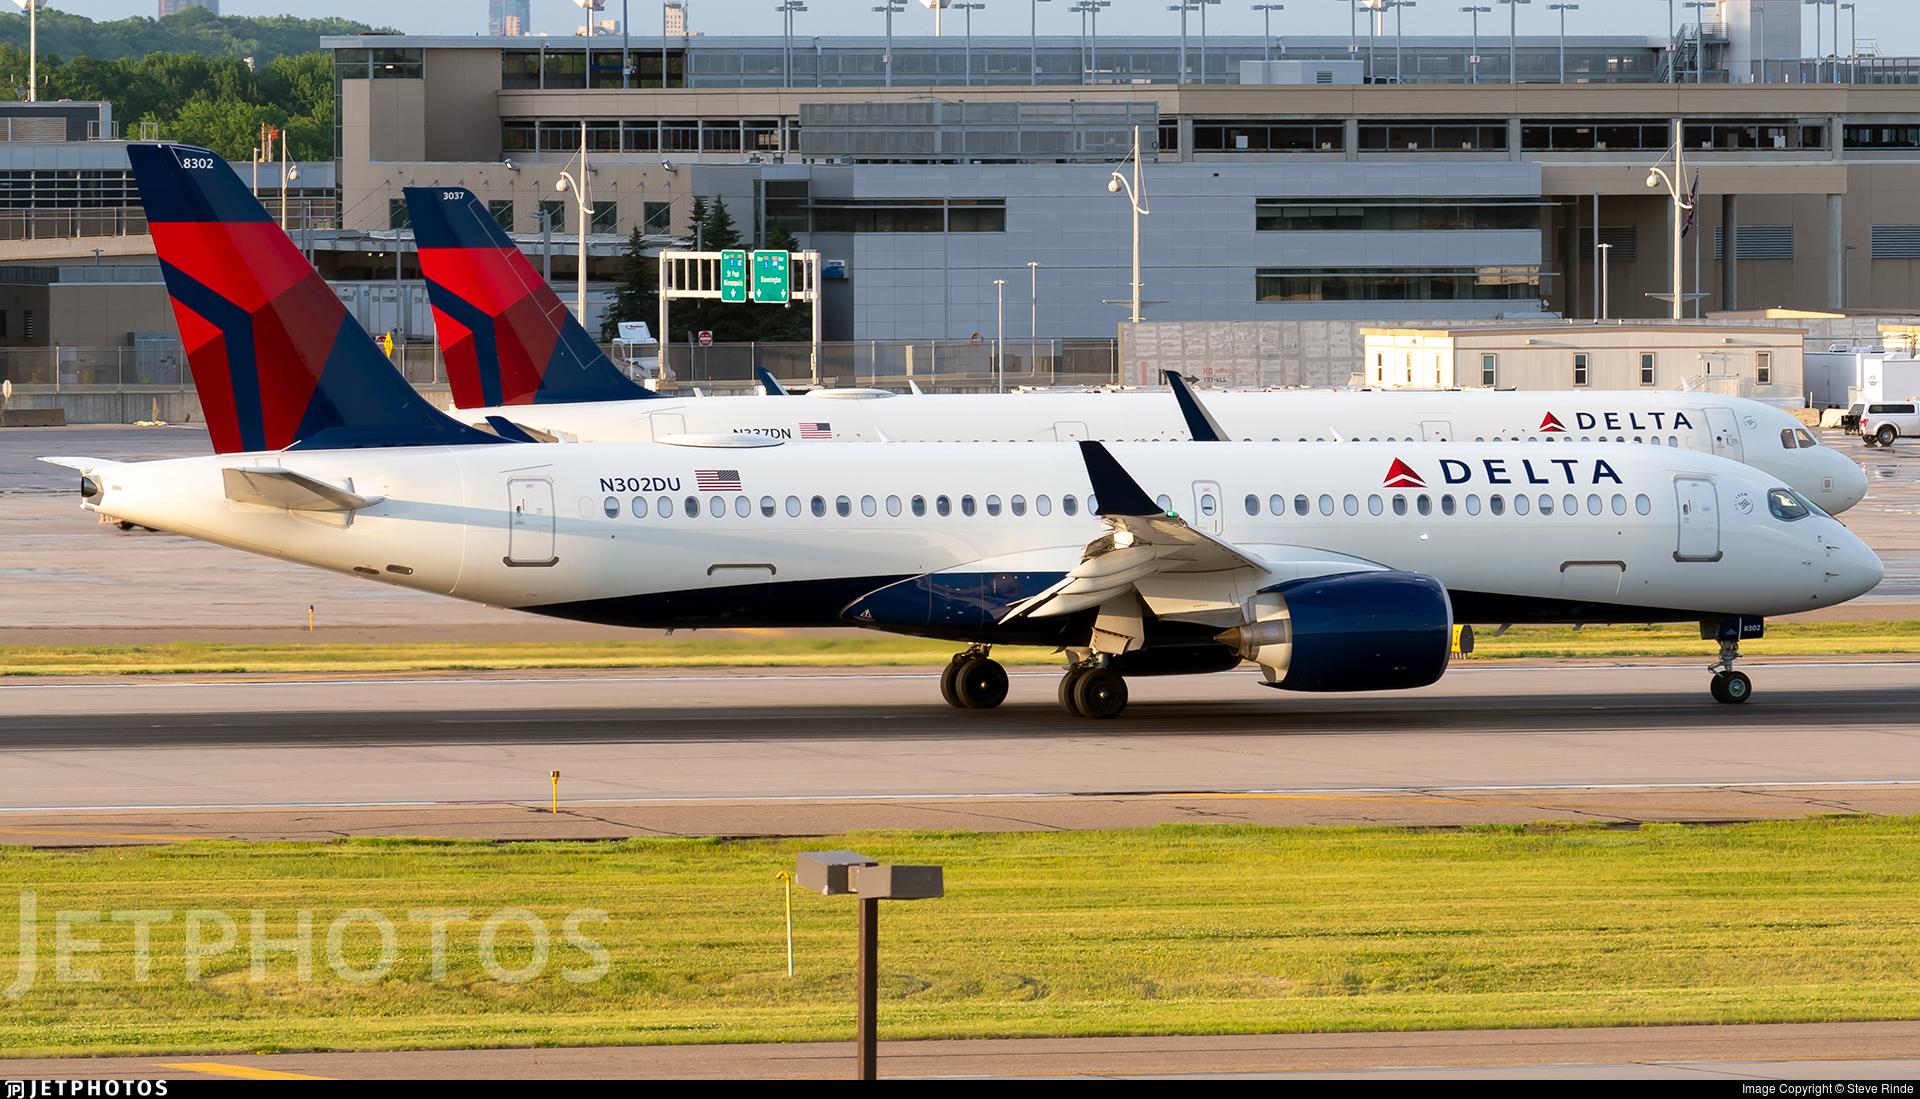 N302DU - Airbus A220-371 - Delta Air Lines